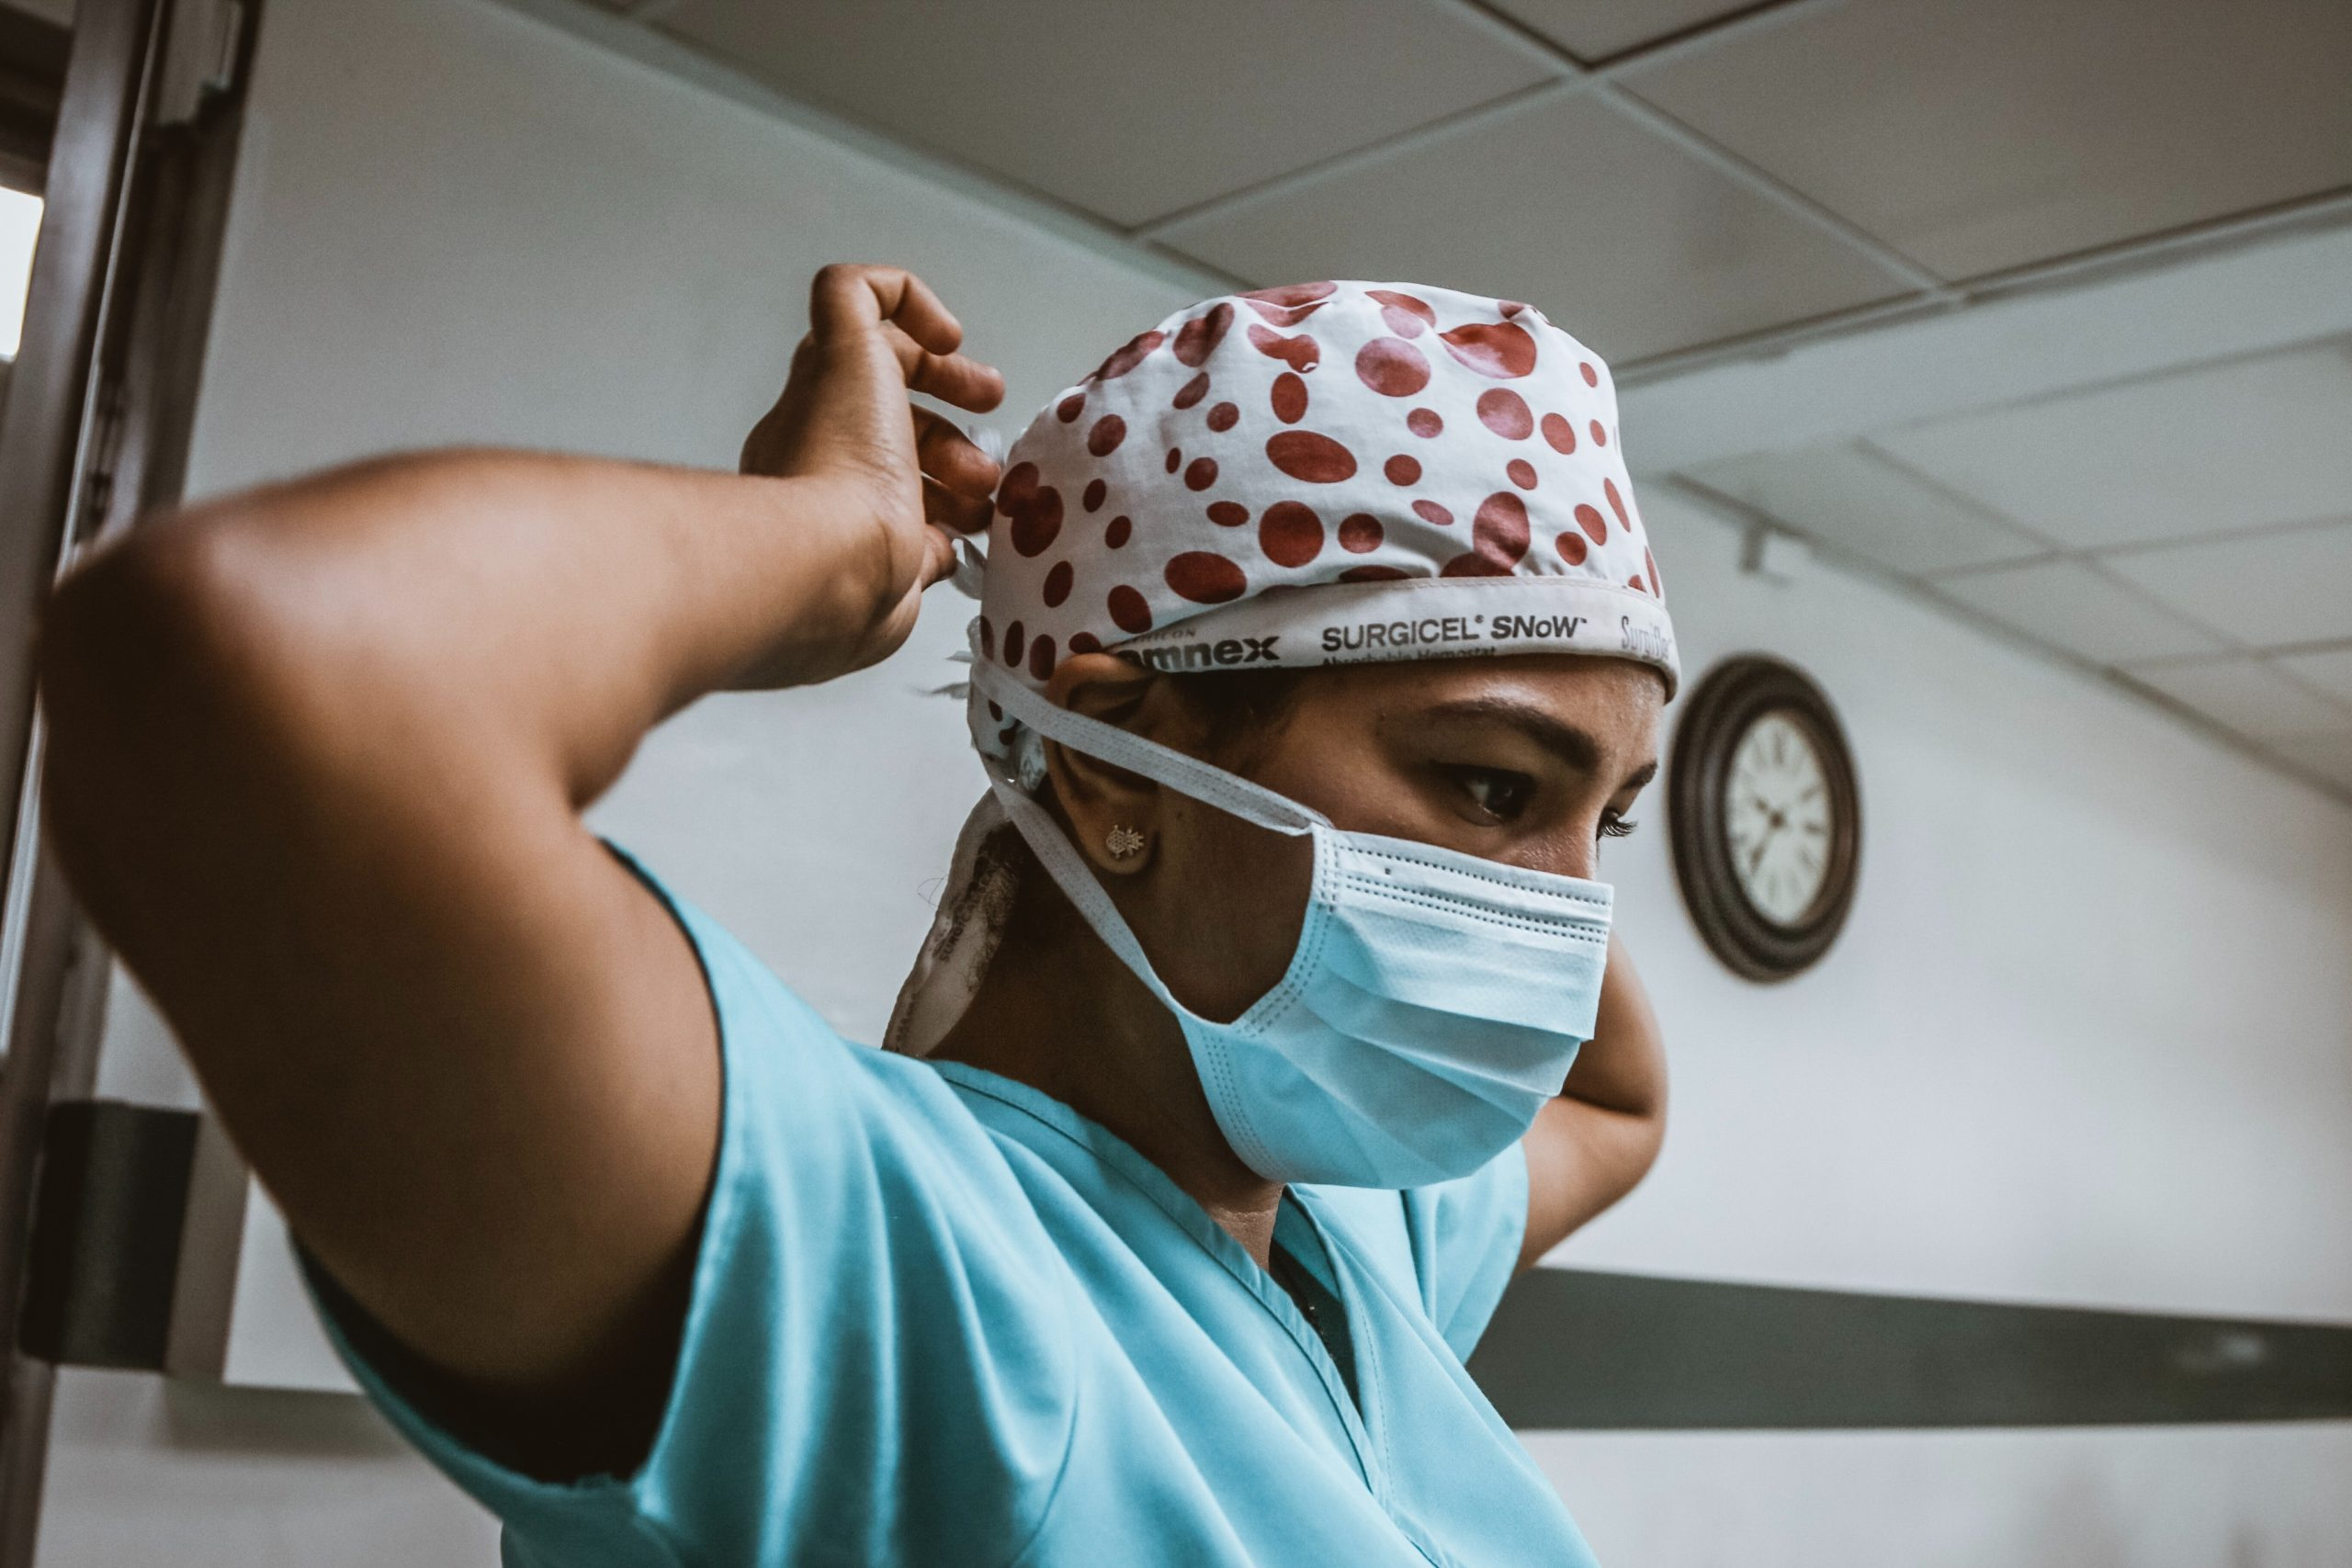 Bilanț COVID-19 București, marți, 5 octombrie. Peste 2.500 de noi cazuri de coronavirus în Capitală